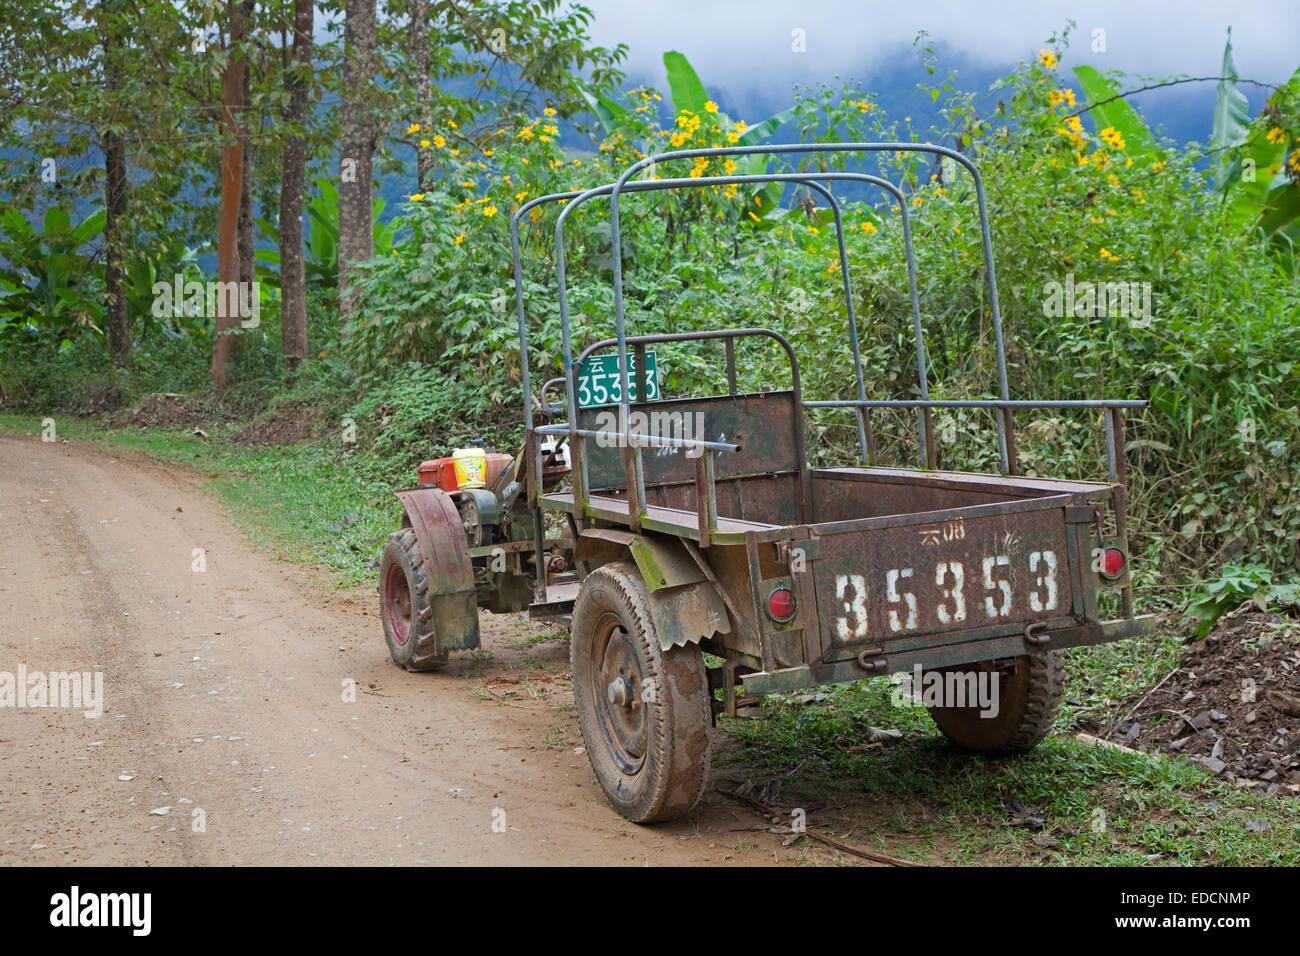 Deux roues typiquement chinois, le tracteur avec remorque dans la province du Yunnan, Chine Photo Stock